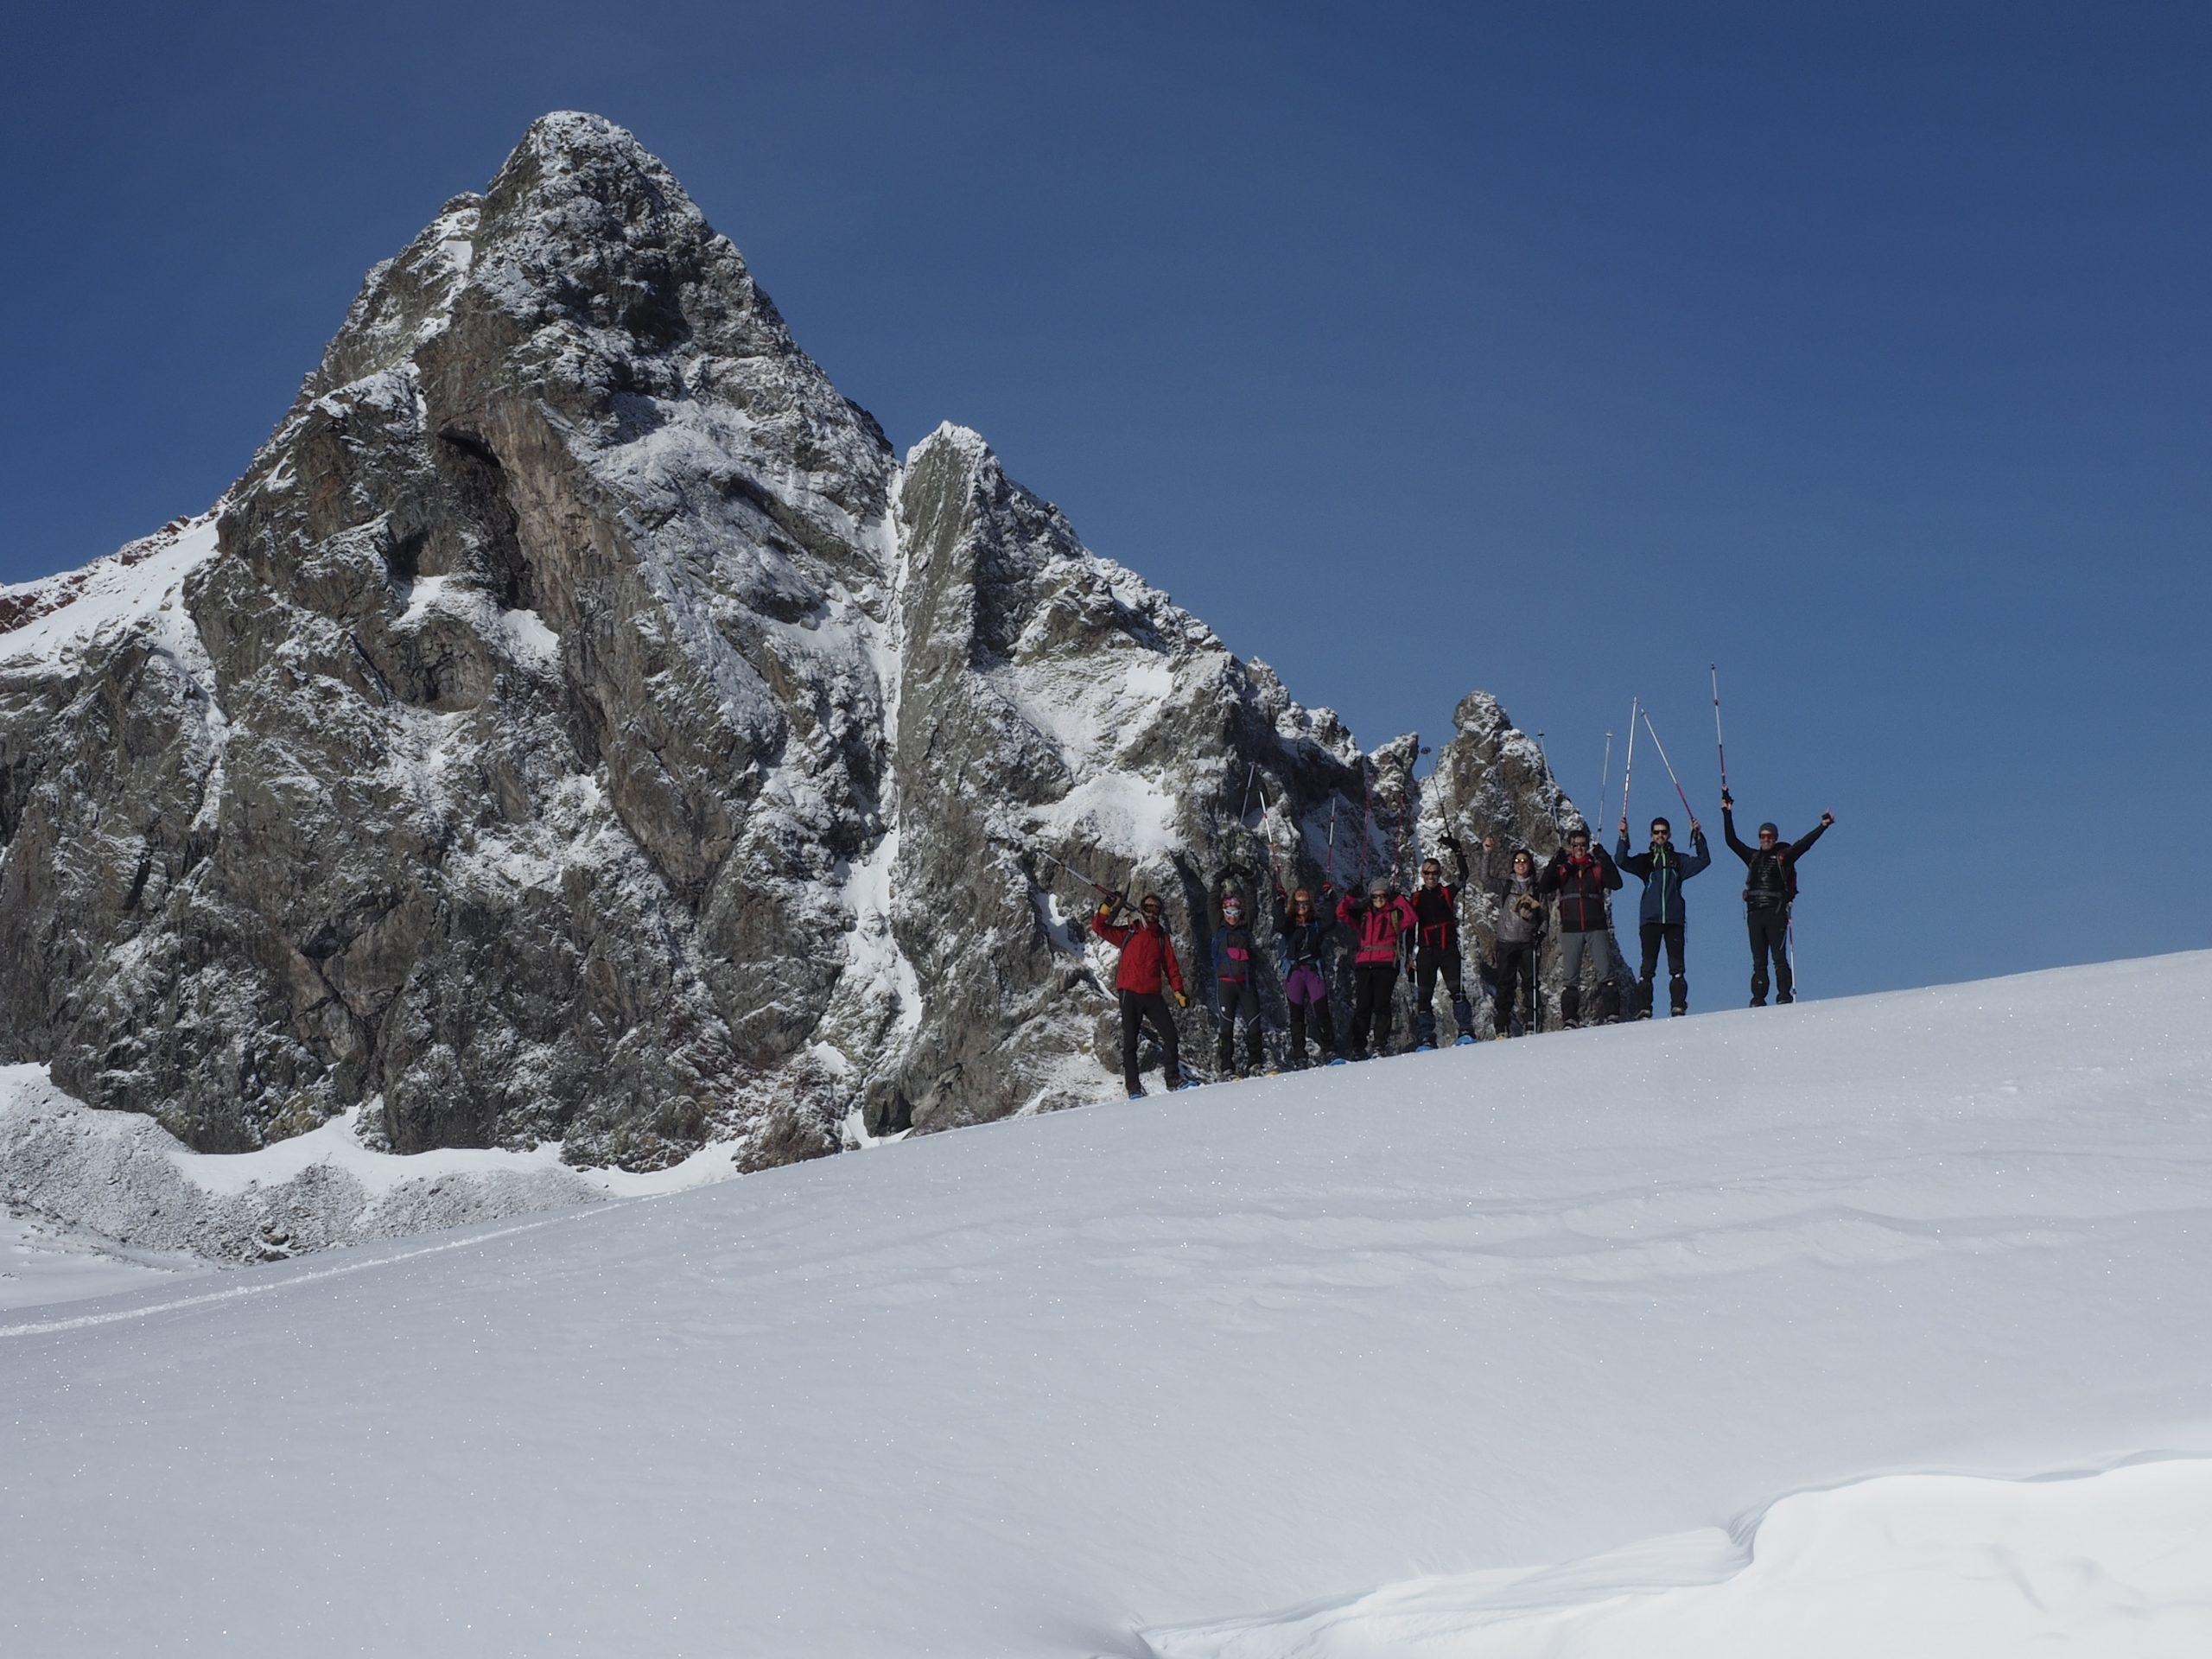 Excursiones con raquetas de nieve en el Valle del Tena